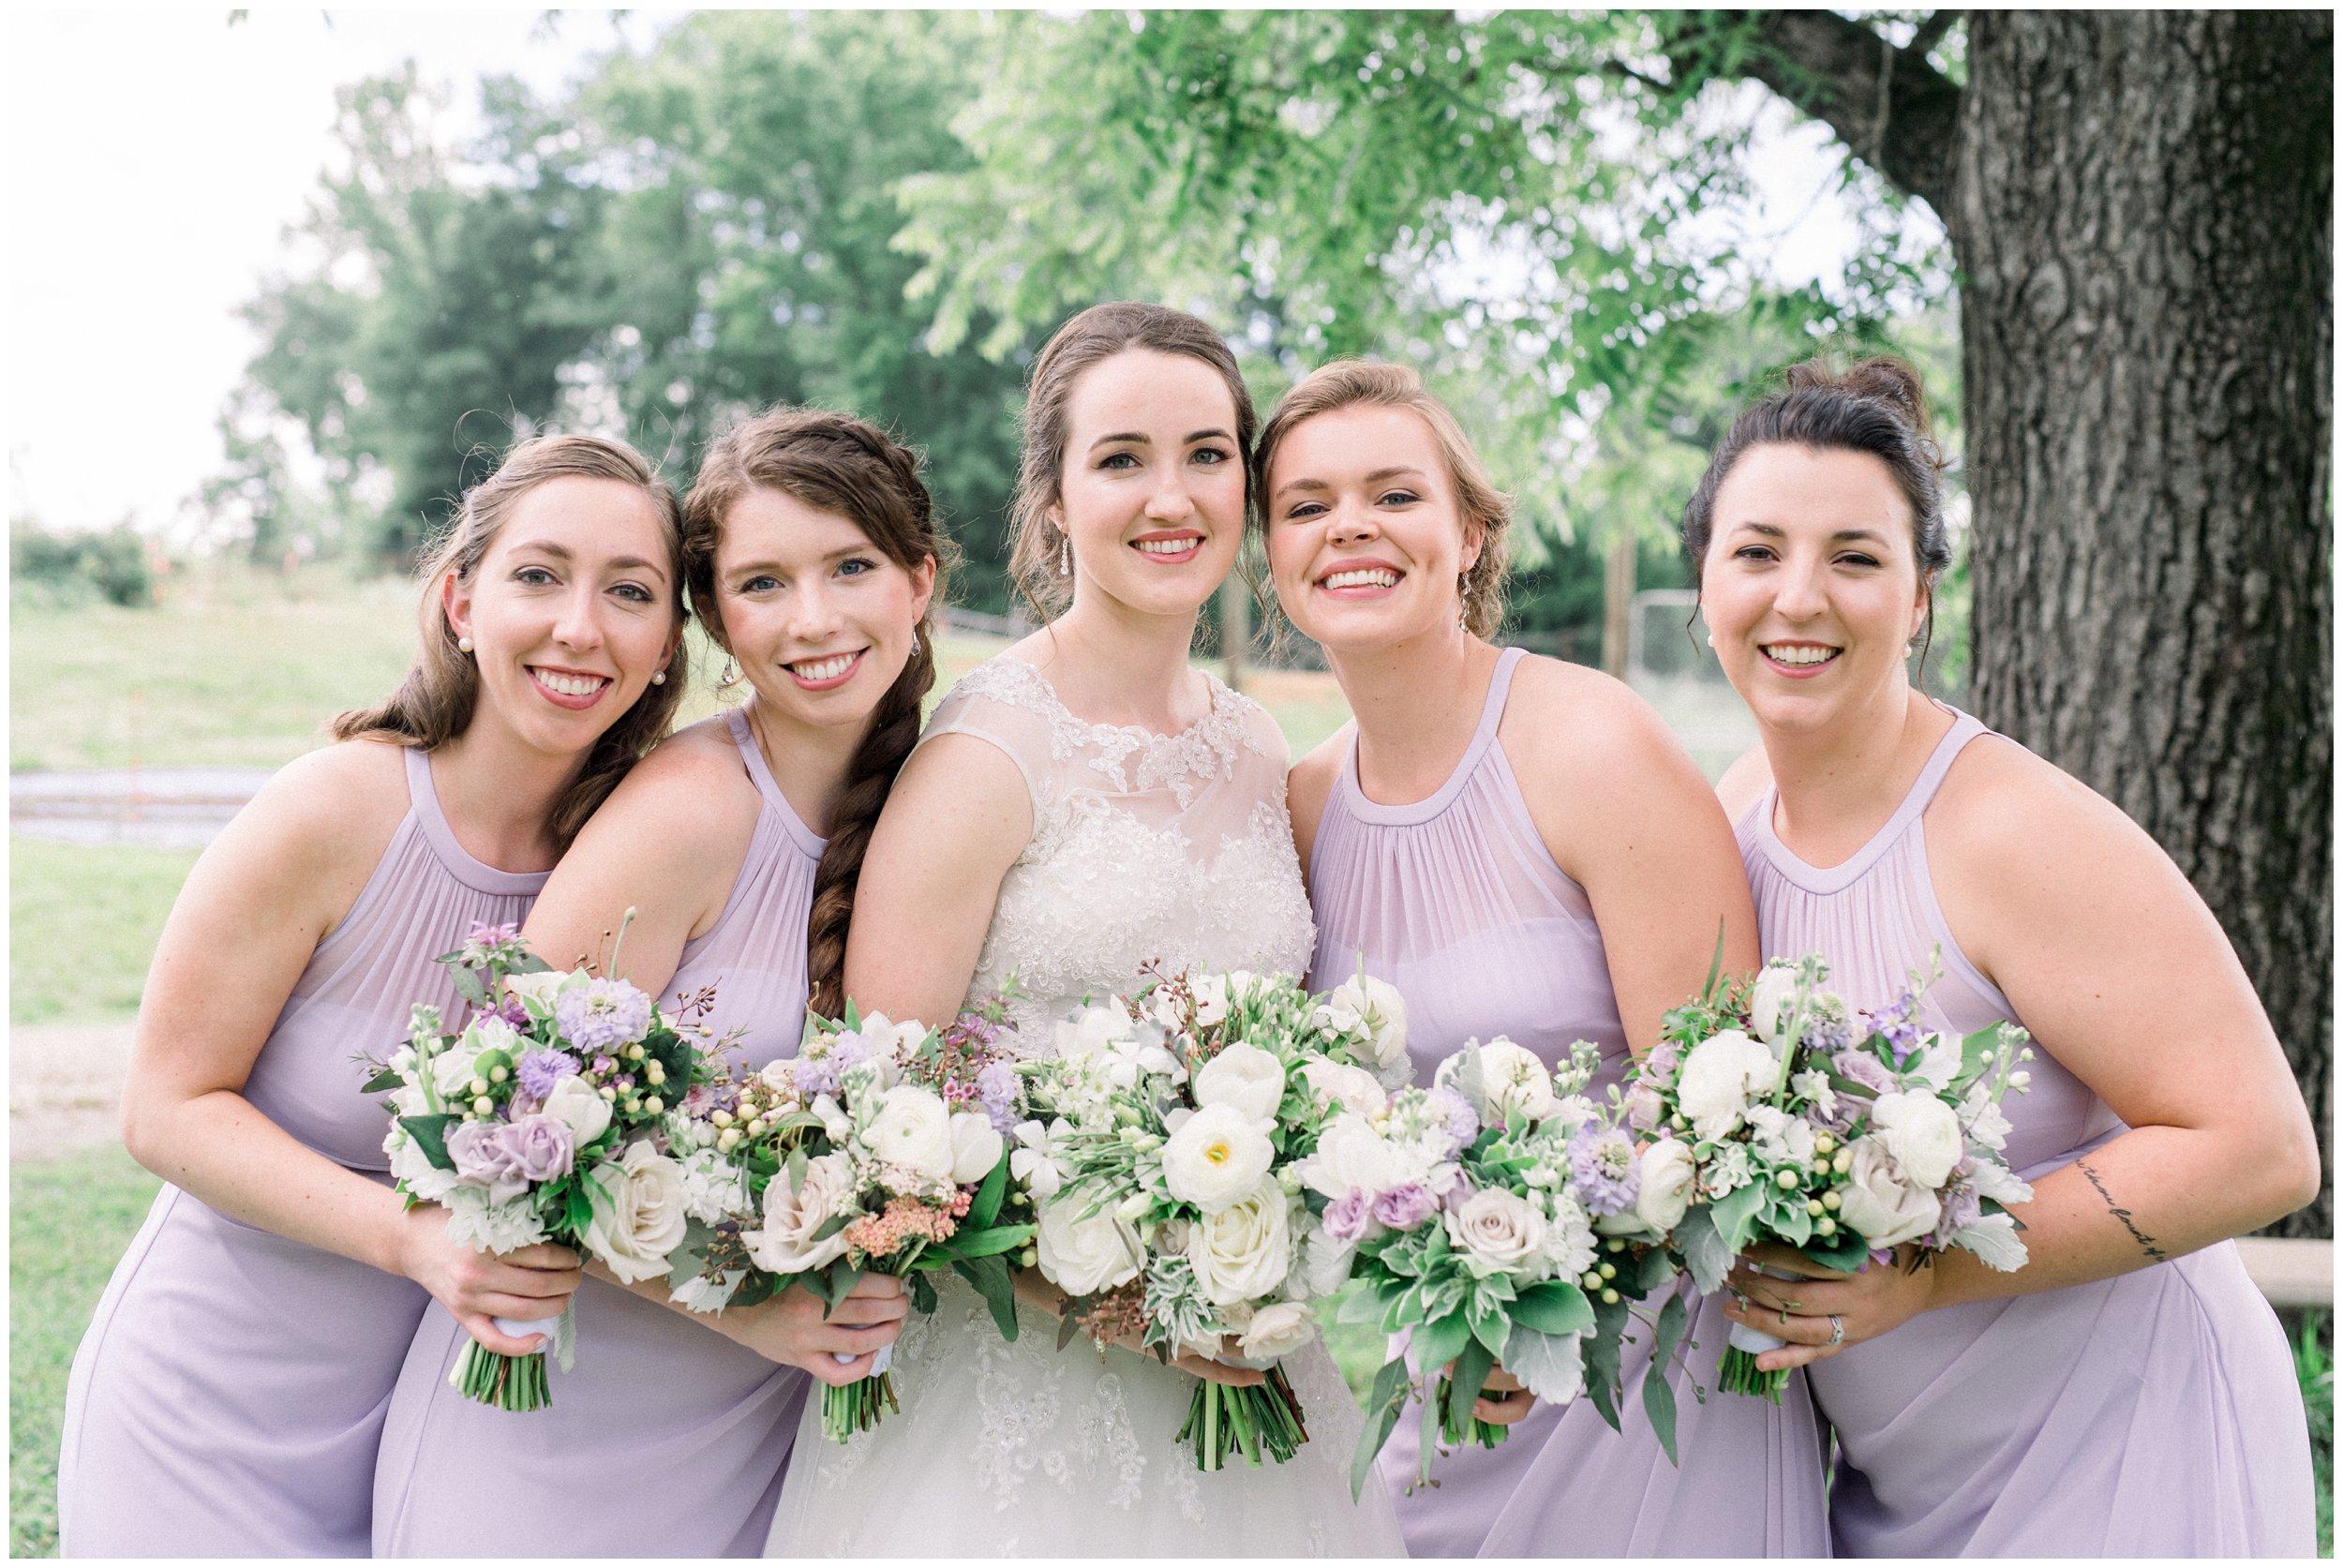 bridal party lavender details